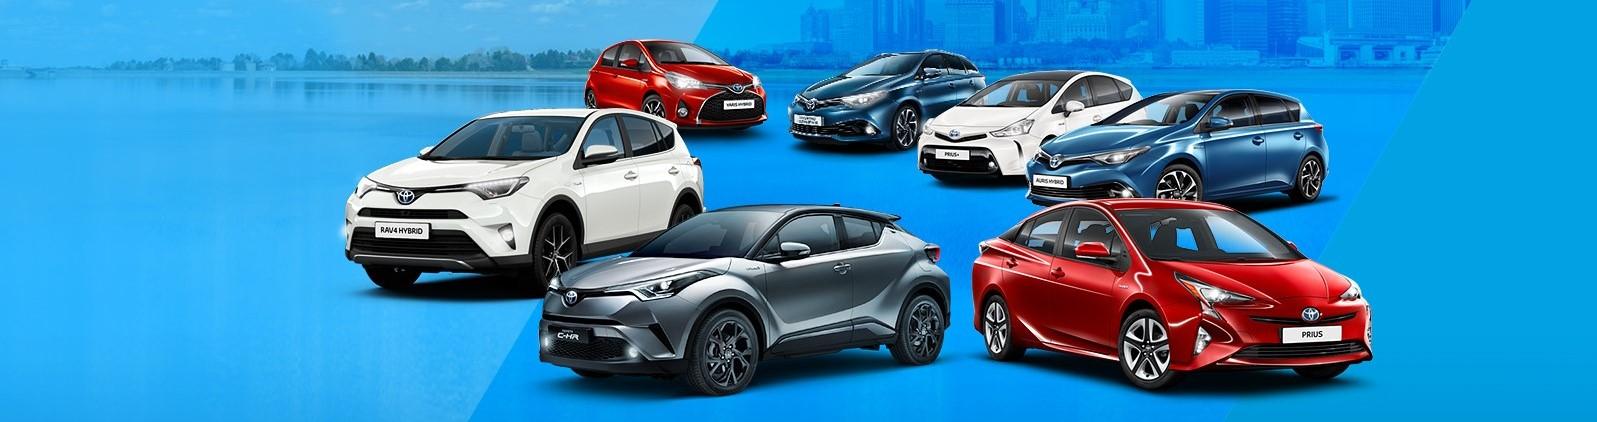 Toyota Fleet